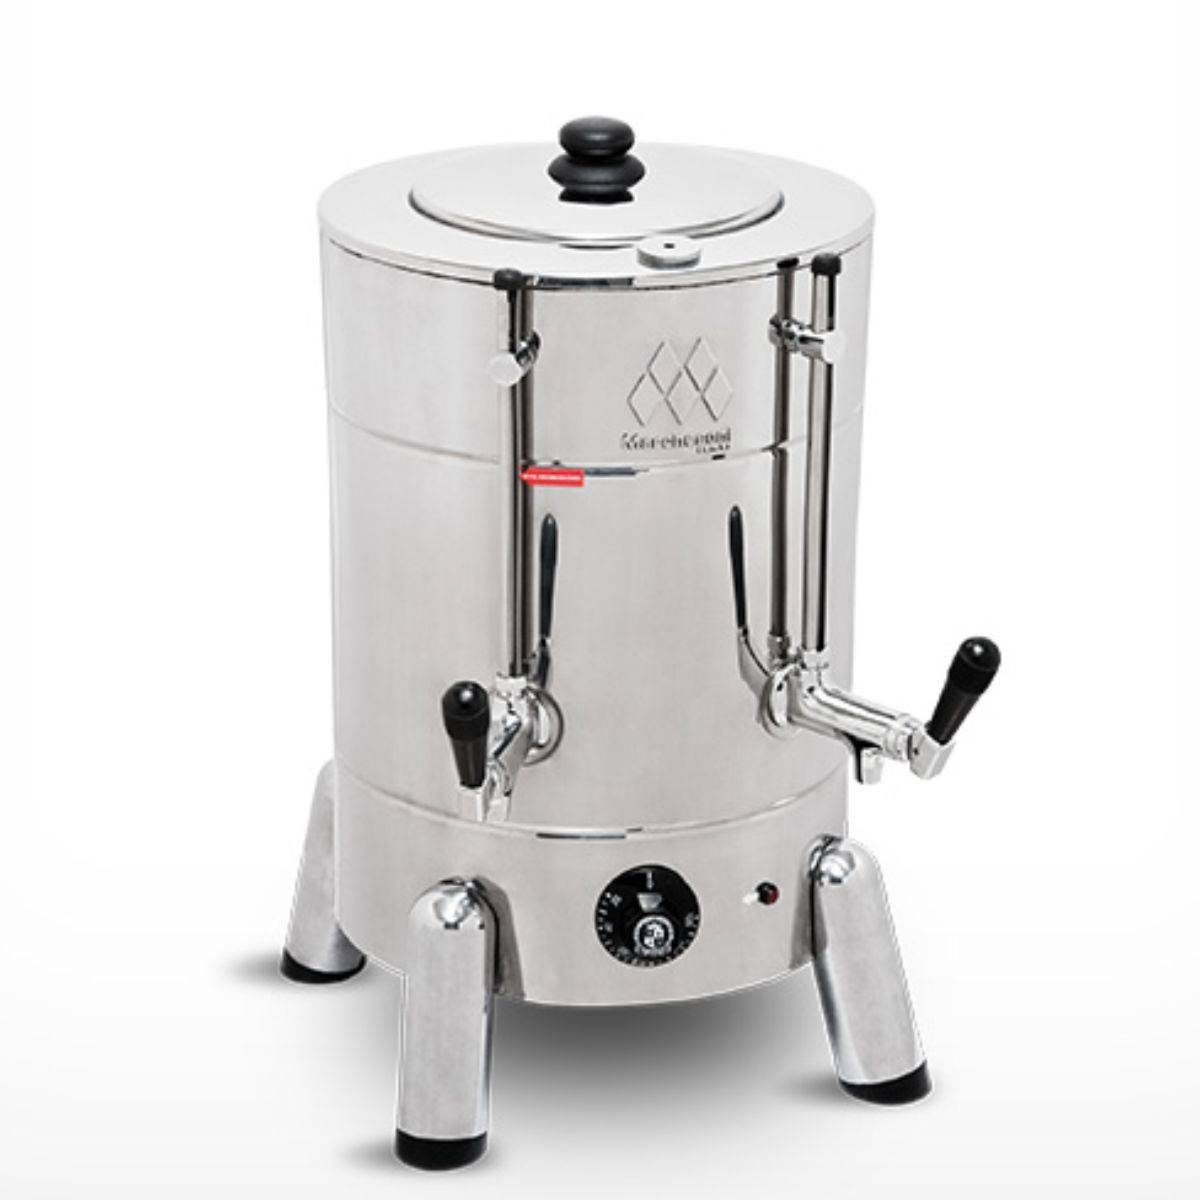 Cafeteira Elétrica Tradicional 2 Litros Marchesoni - Magazine do Chef